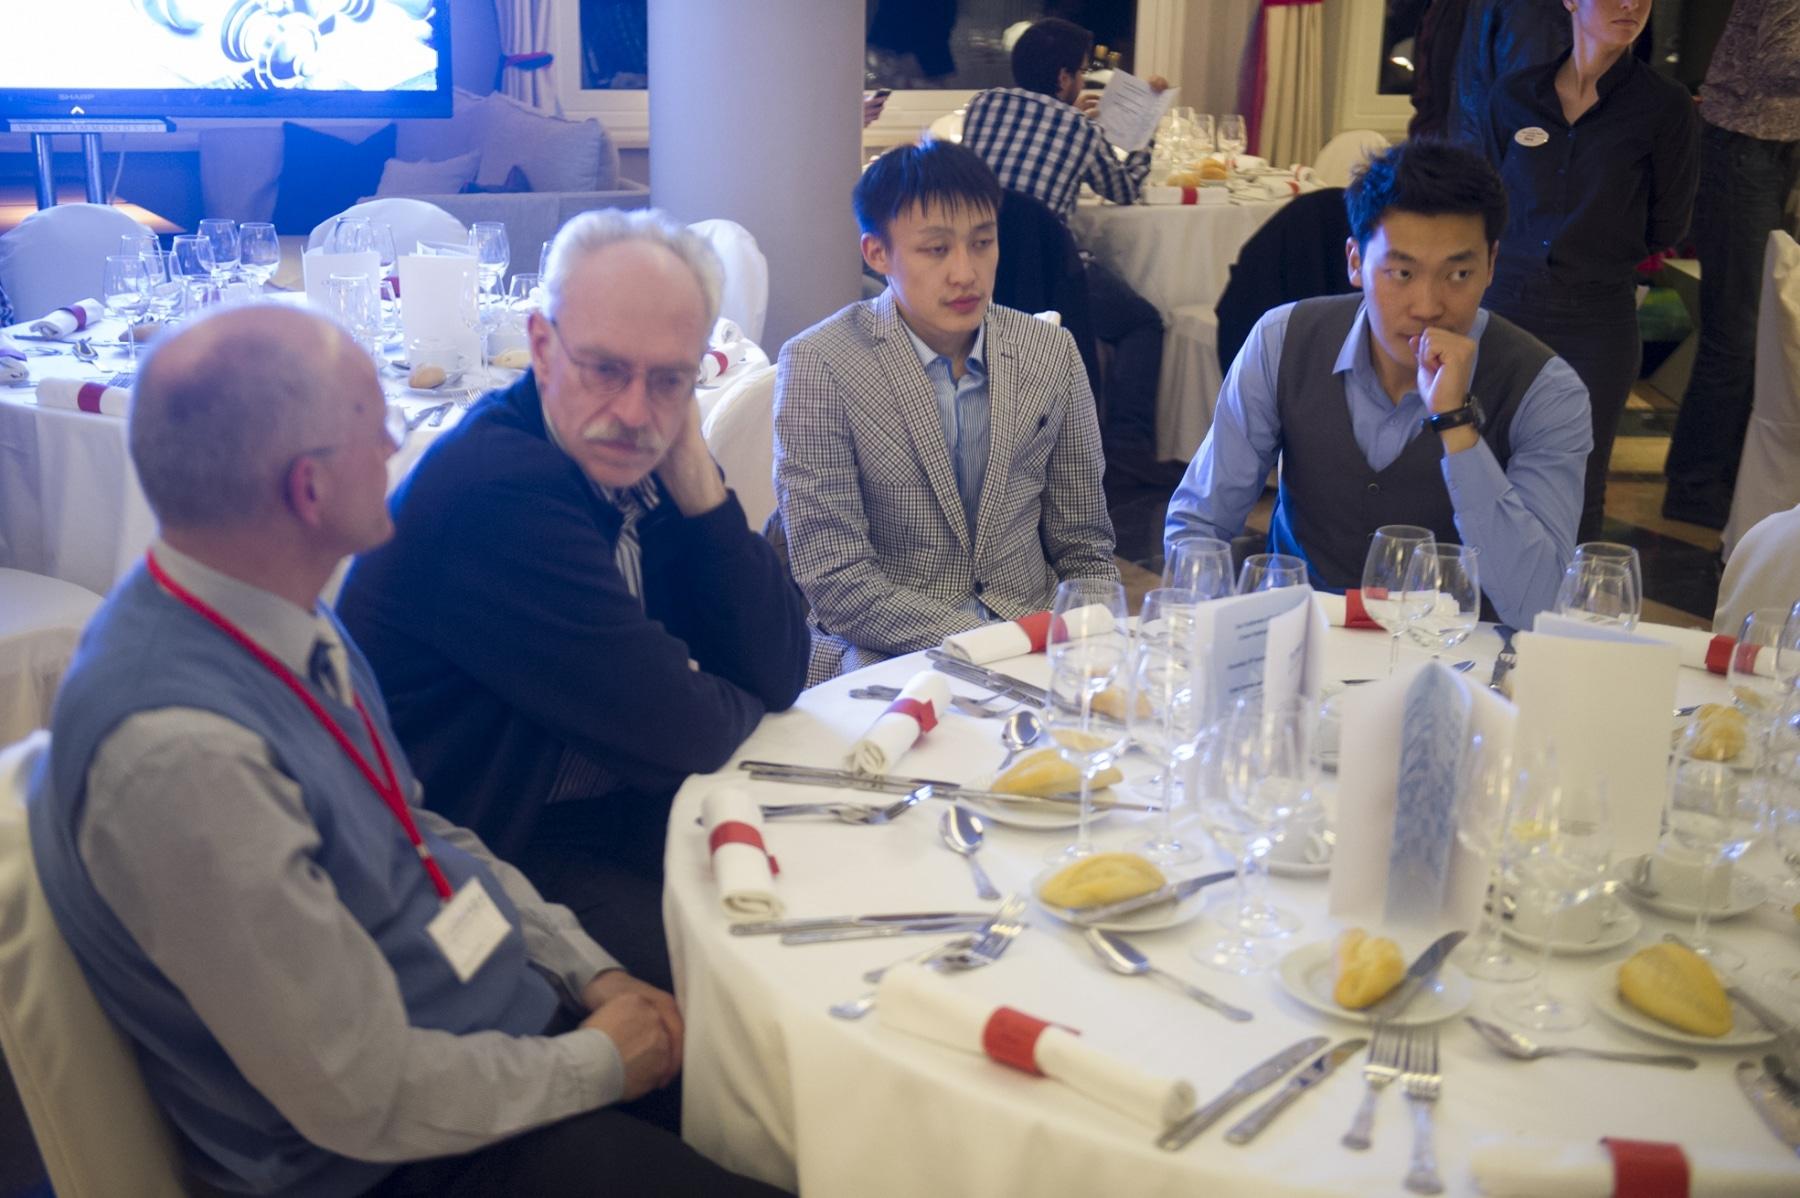 5-febrero-2015-entrega-premios-festival-internacional-de-ajedrez-tradewise-de-gibraltar-4_16451620052_o